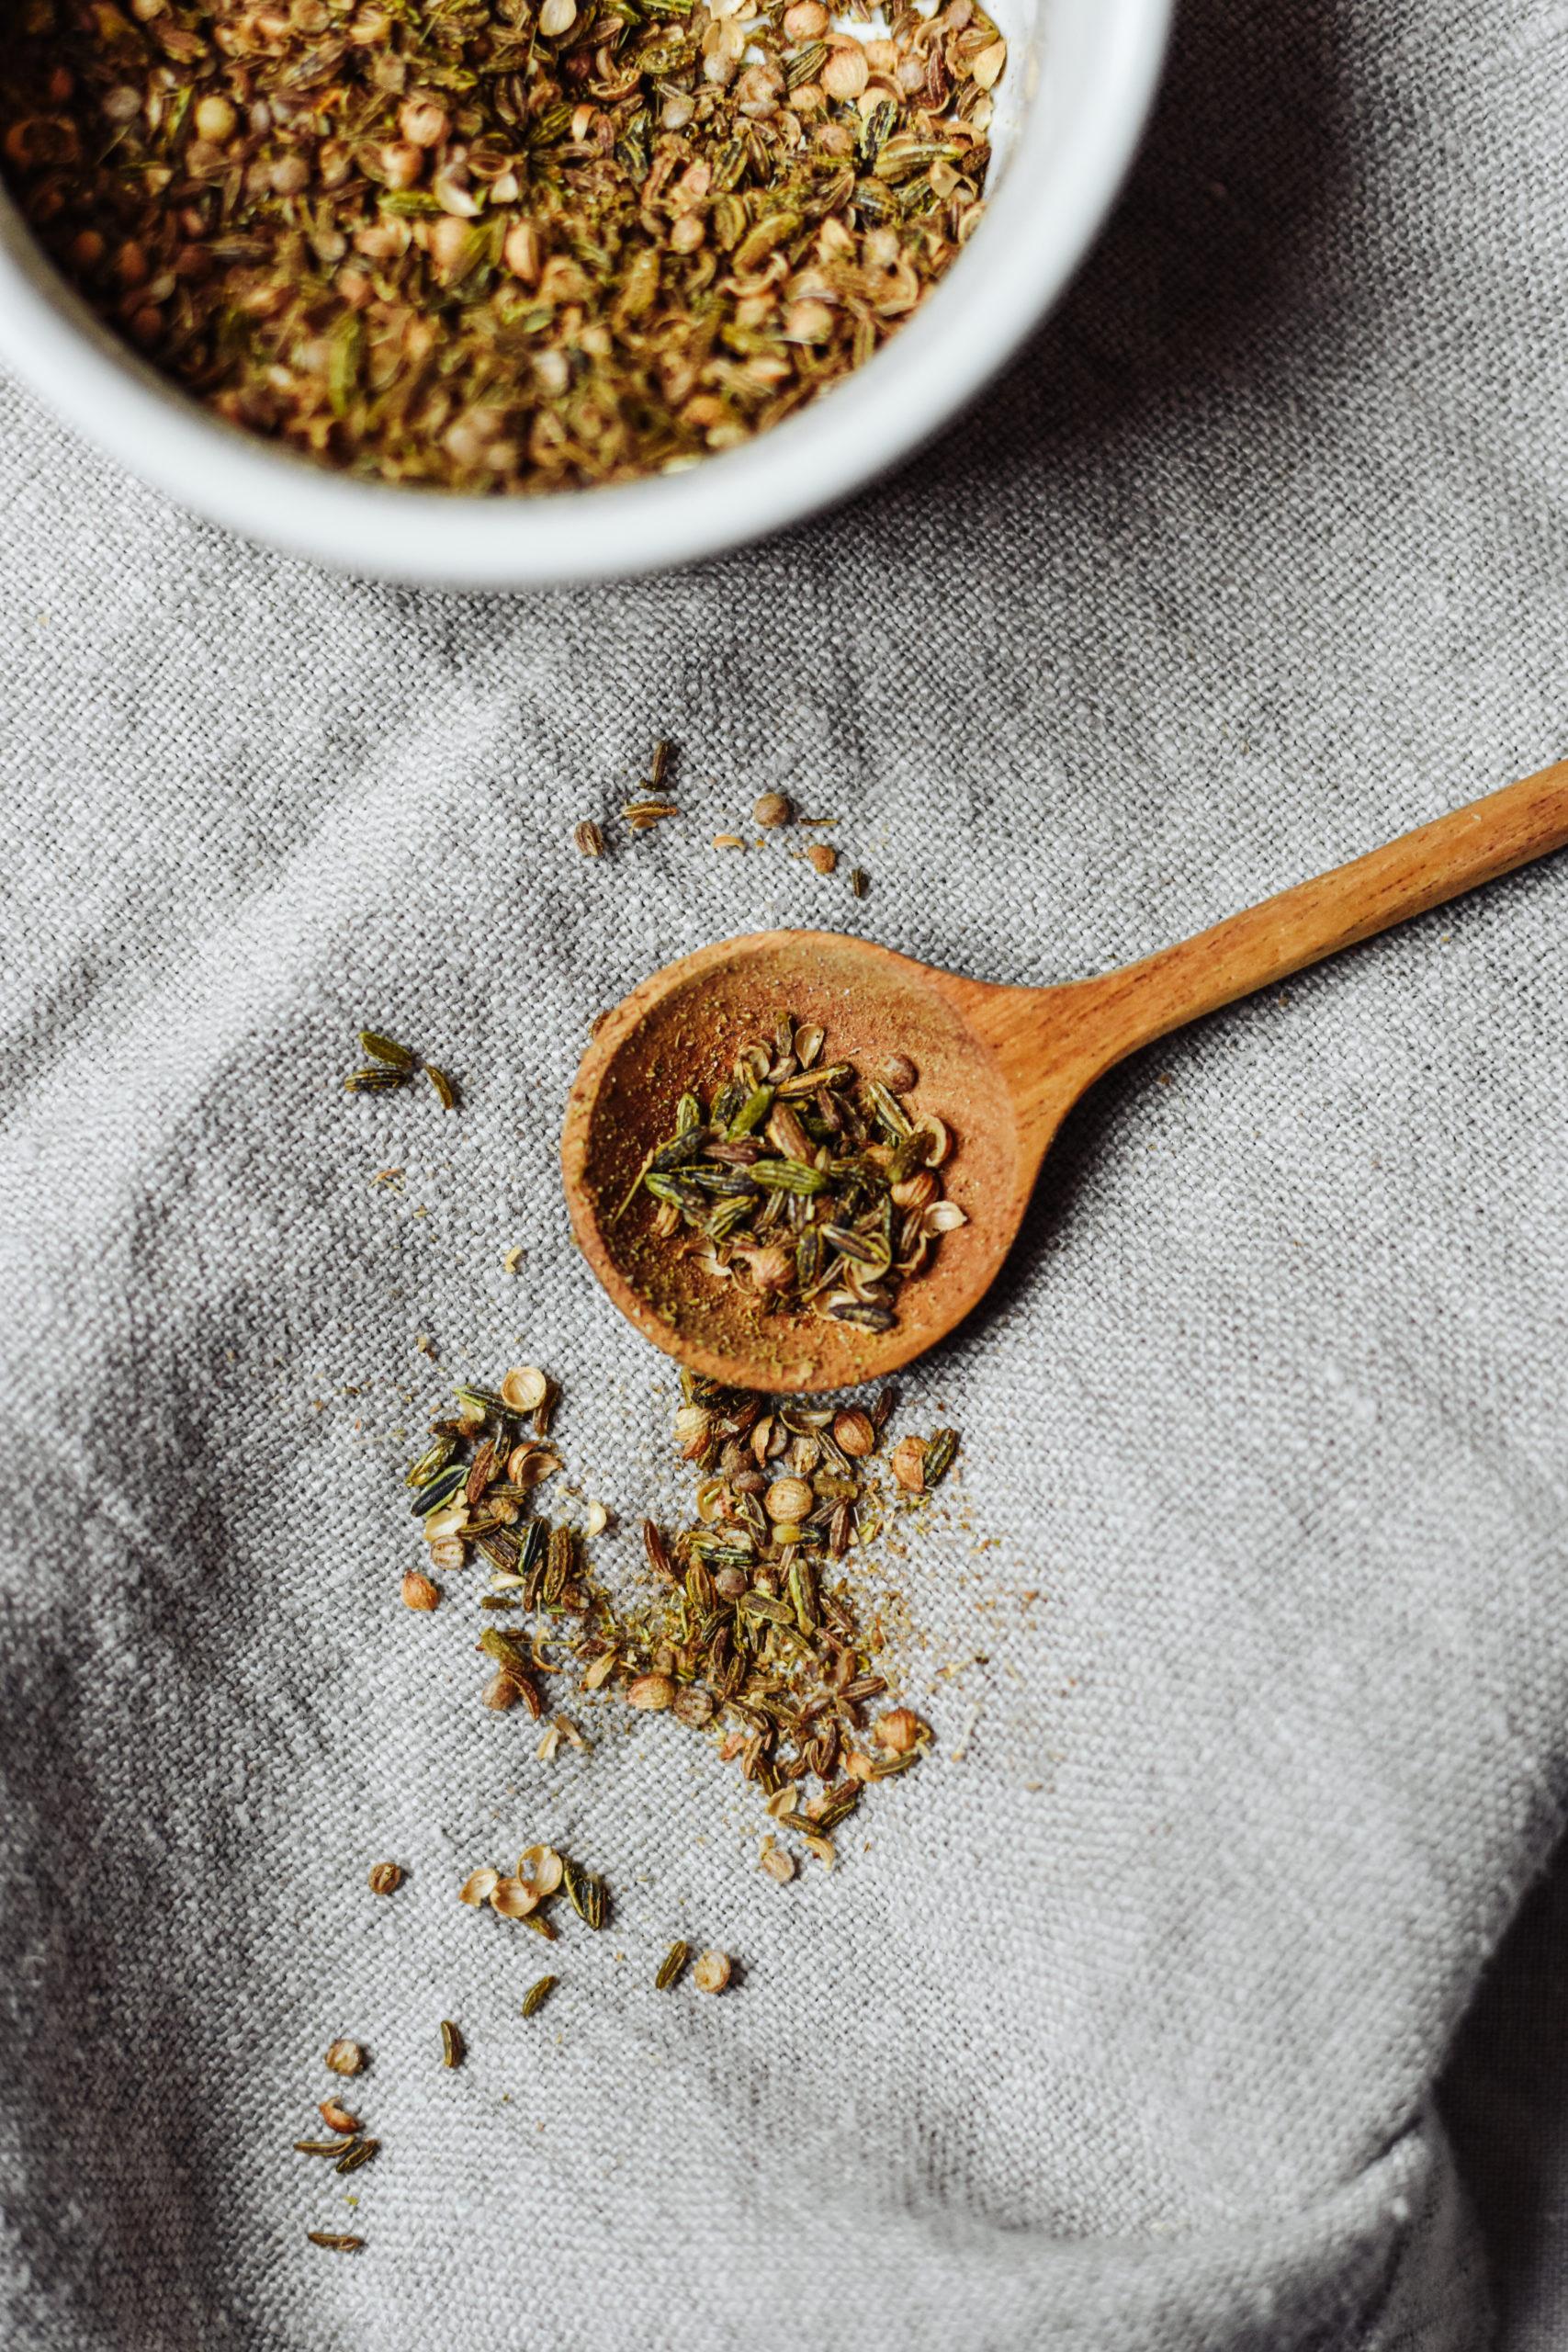 Rezept für selbstgemachtes Brotgewürz bei glutenfreiem Sauerteigbrot